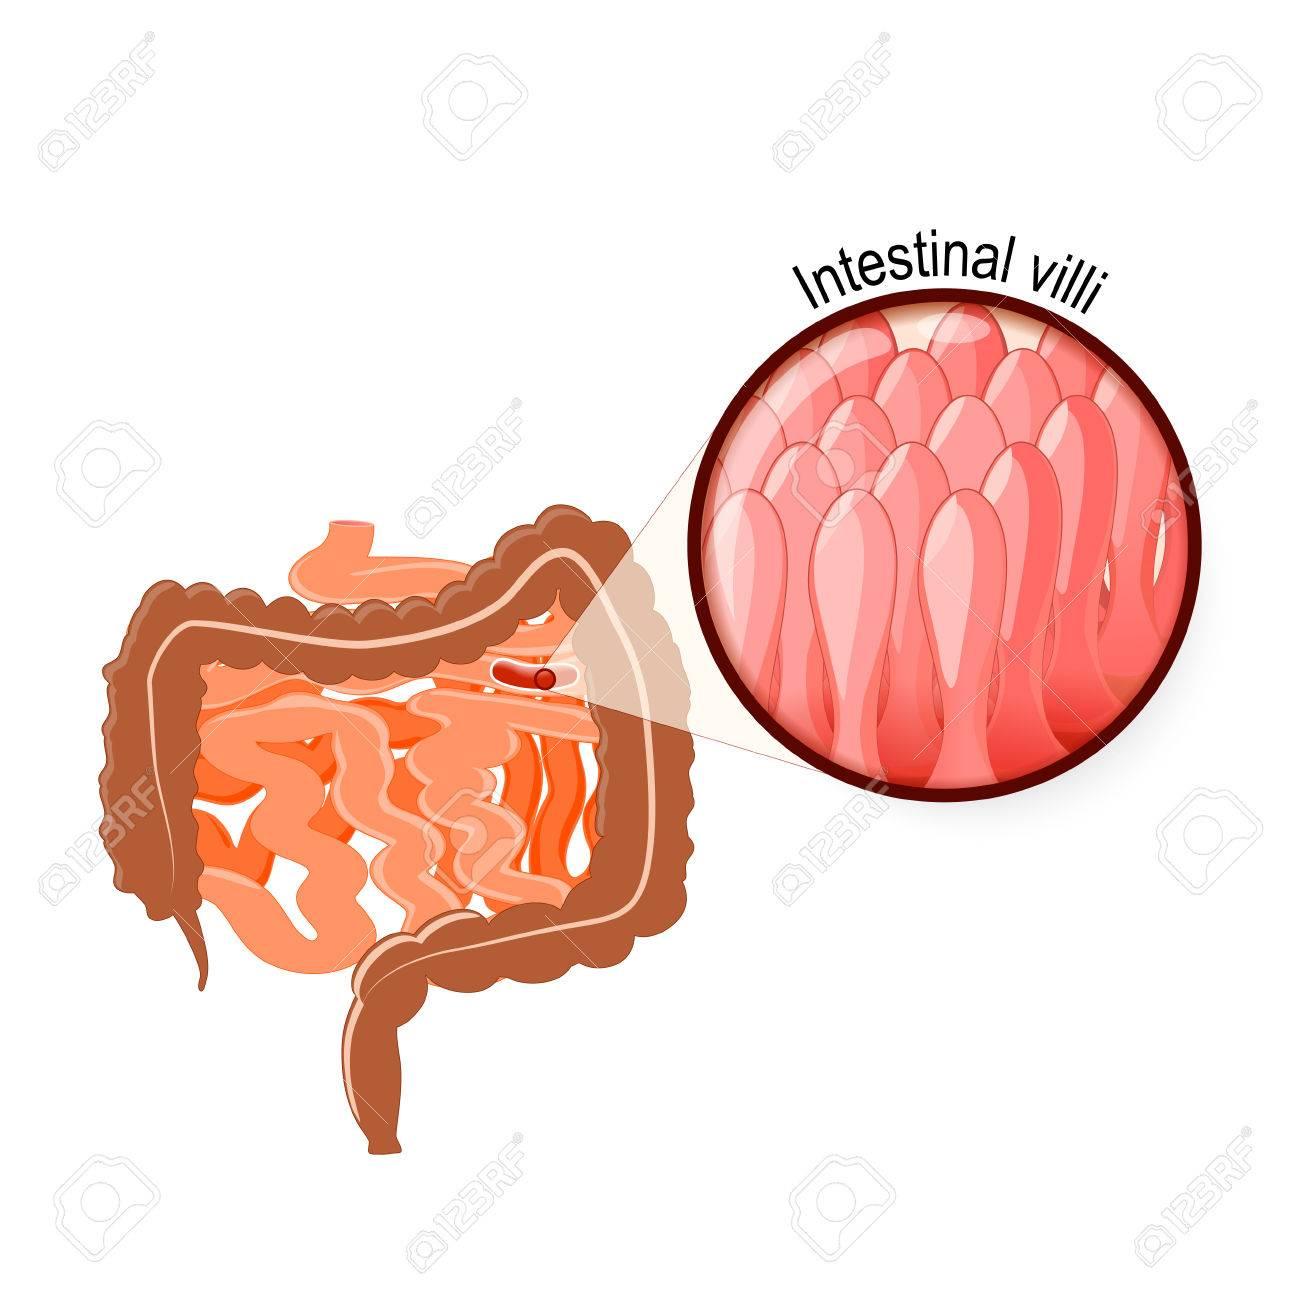 Tracto Gastrointestinal. Villi Intestinal, Intestino Grueso E ...